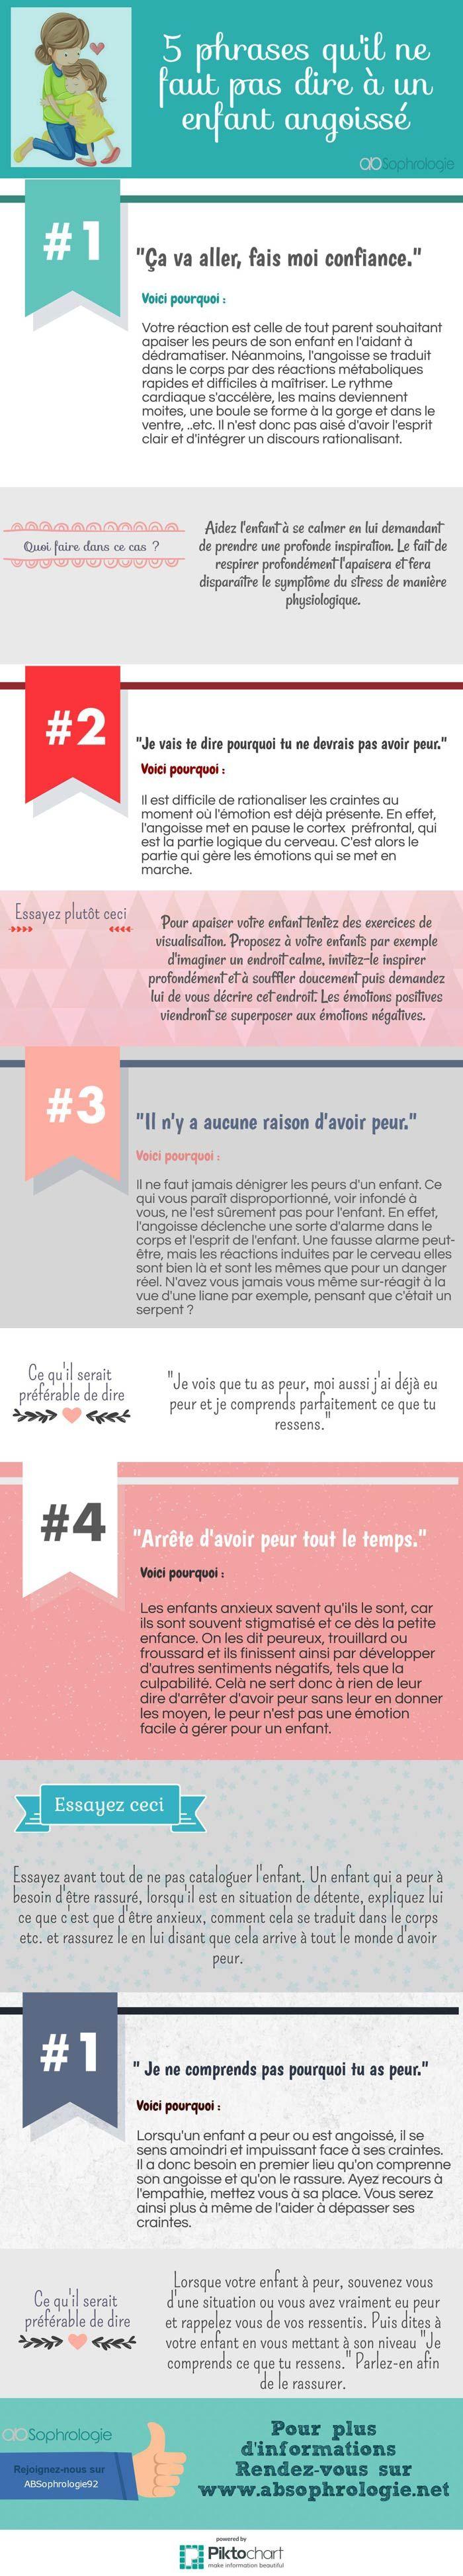 5 Phrases qu'il ne faut pas dire à un enfant angoissé